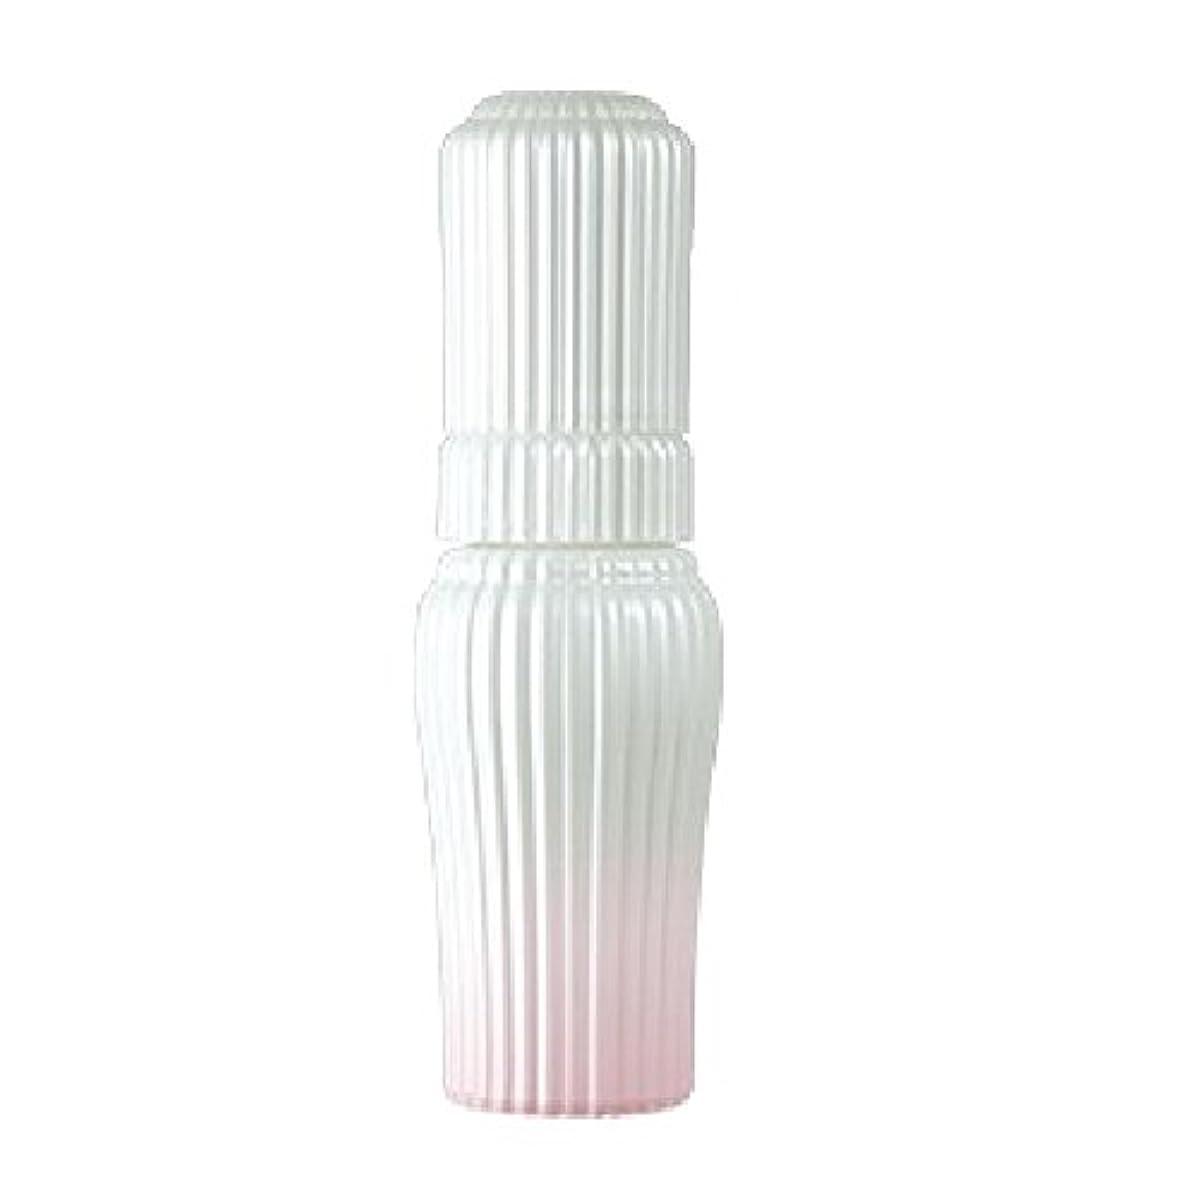 近代化する確率骨折アユーラ (AYURA) fサインディフェンス ホワイトニングセラム(医薬部外品) 40mL 〈敏感肌用 美白 美容液〉 薬用美白液